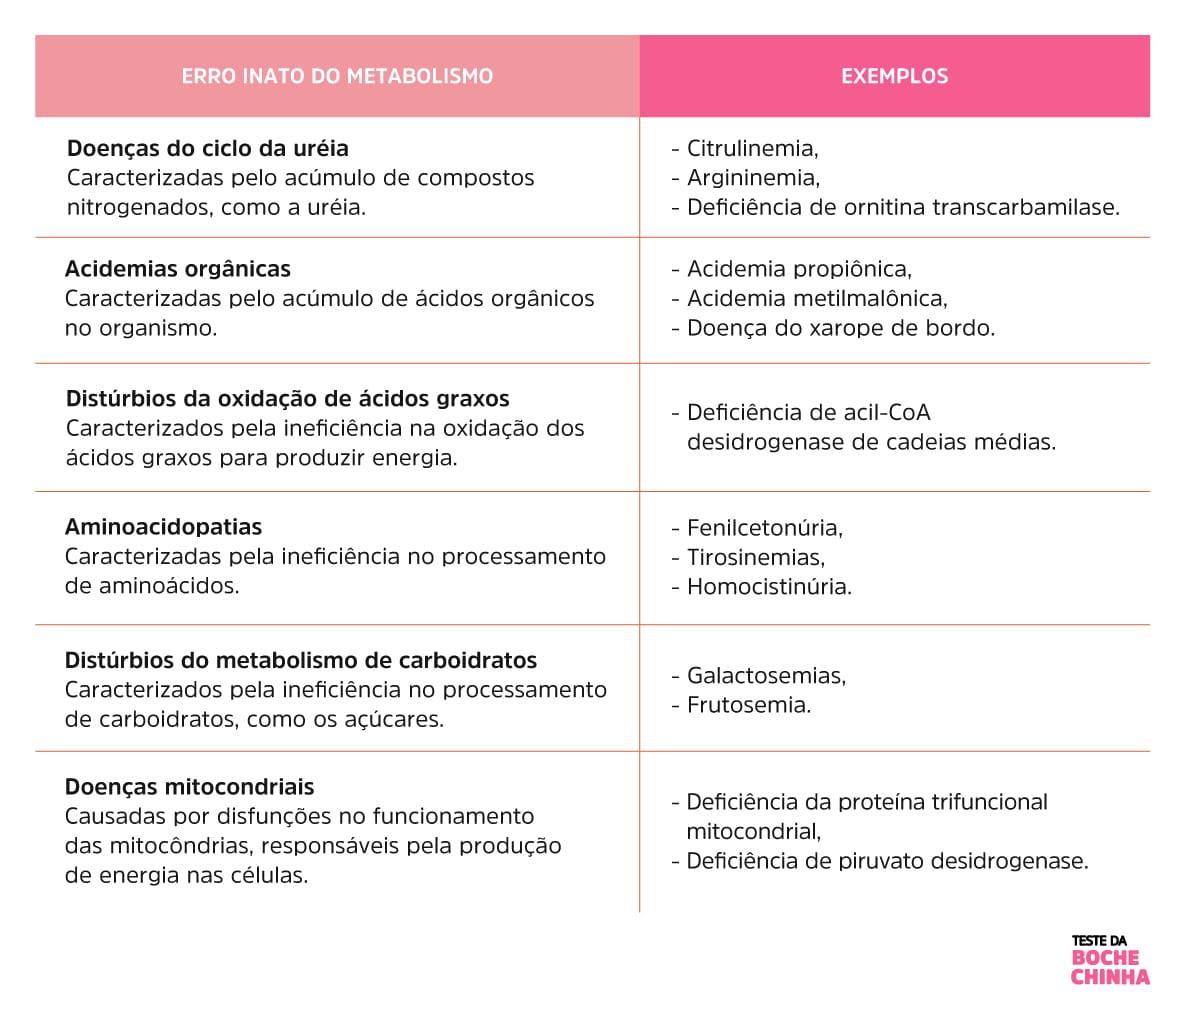 Erros Inatos do Metabolismo_ Teste da Bochechinha - Tabela